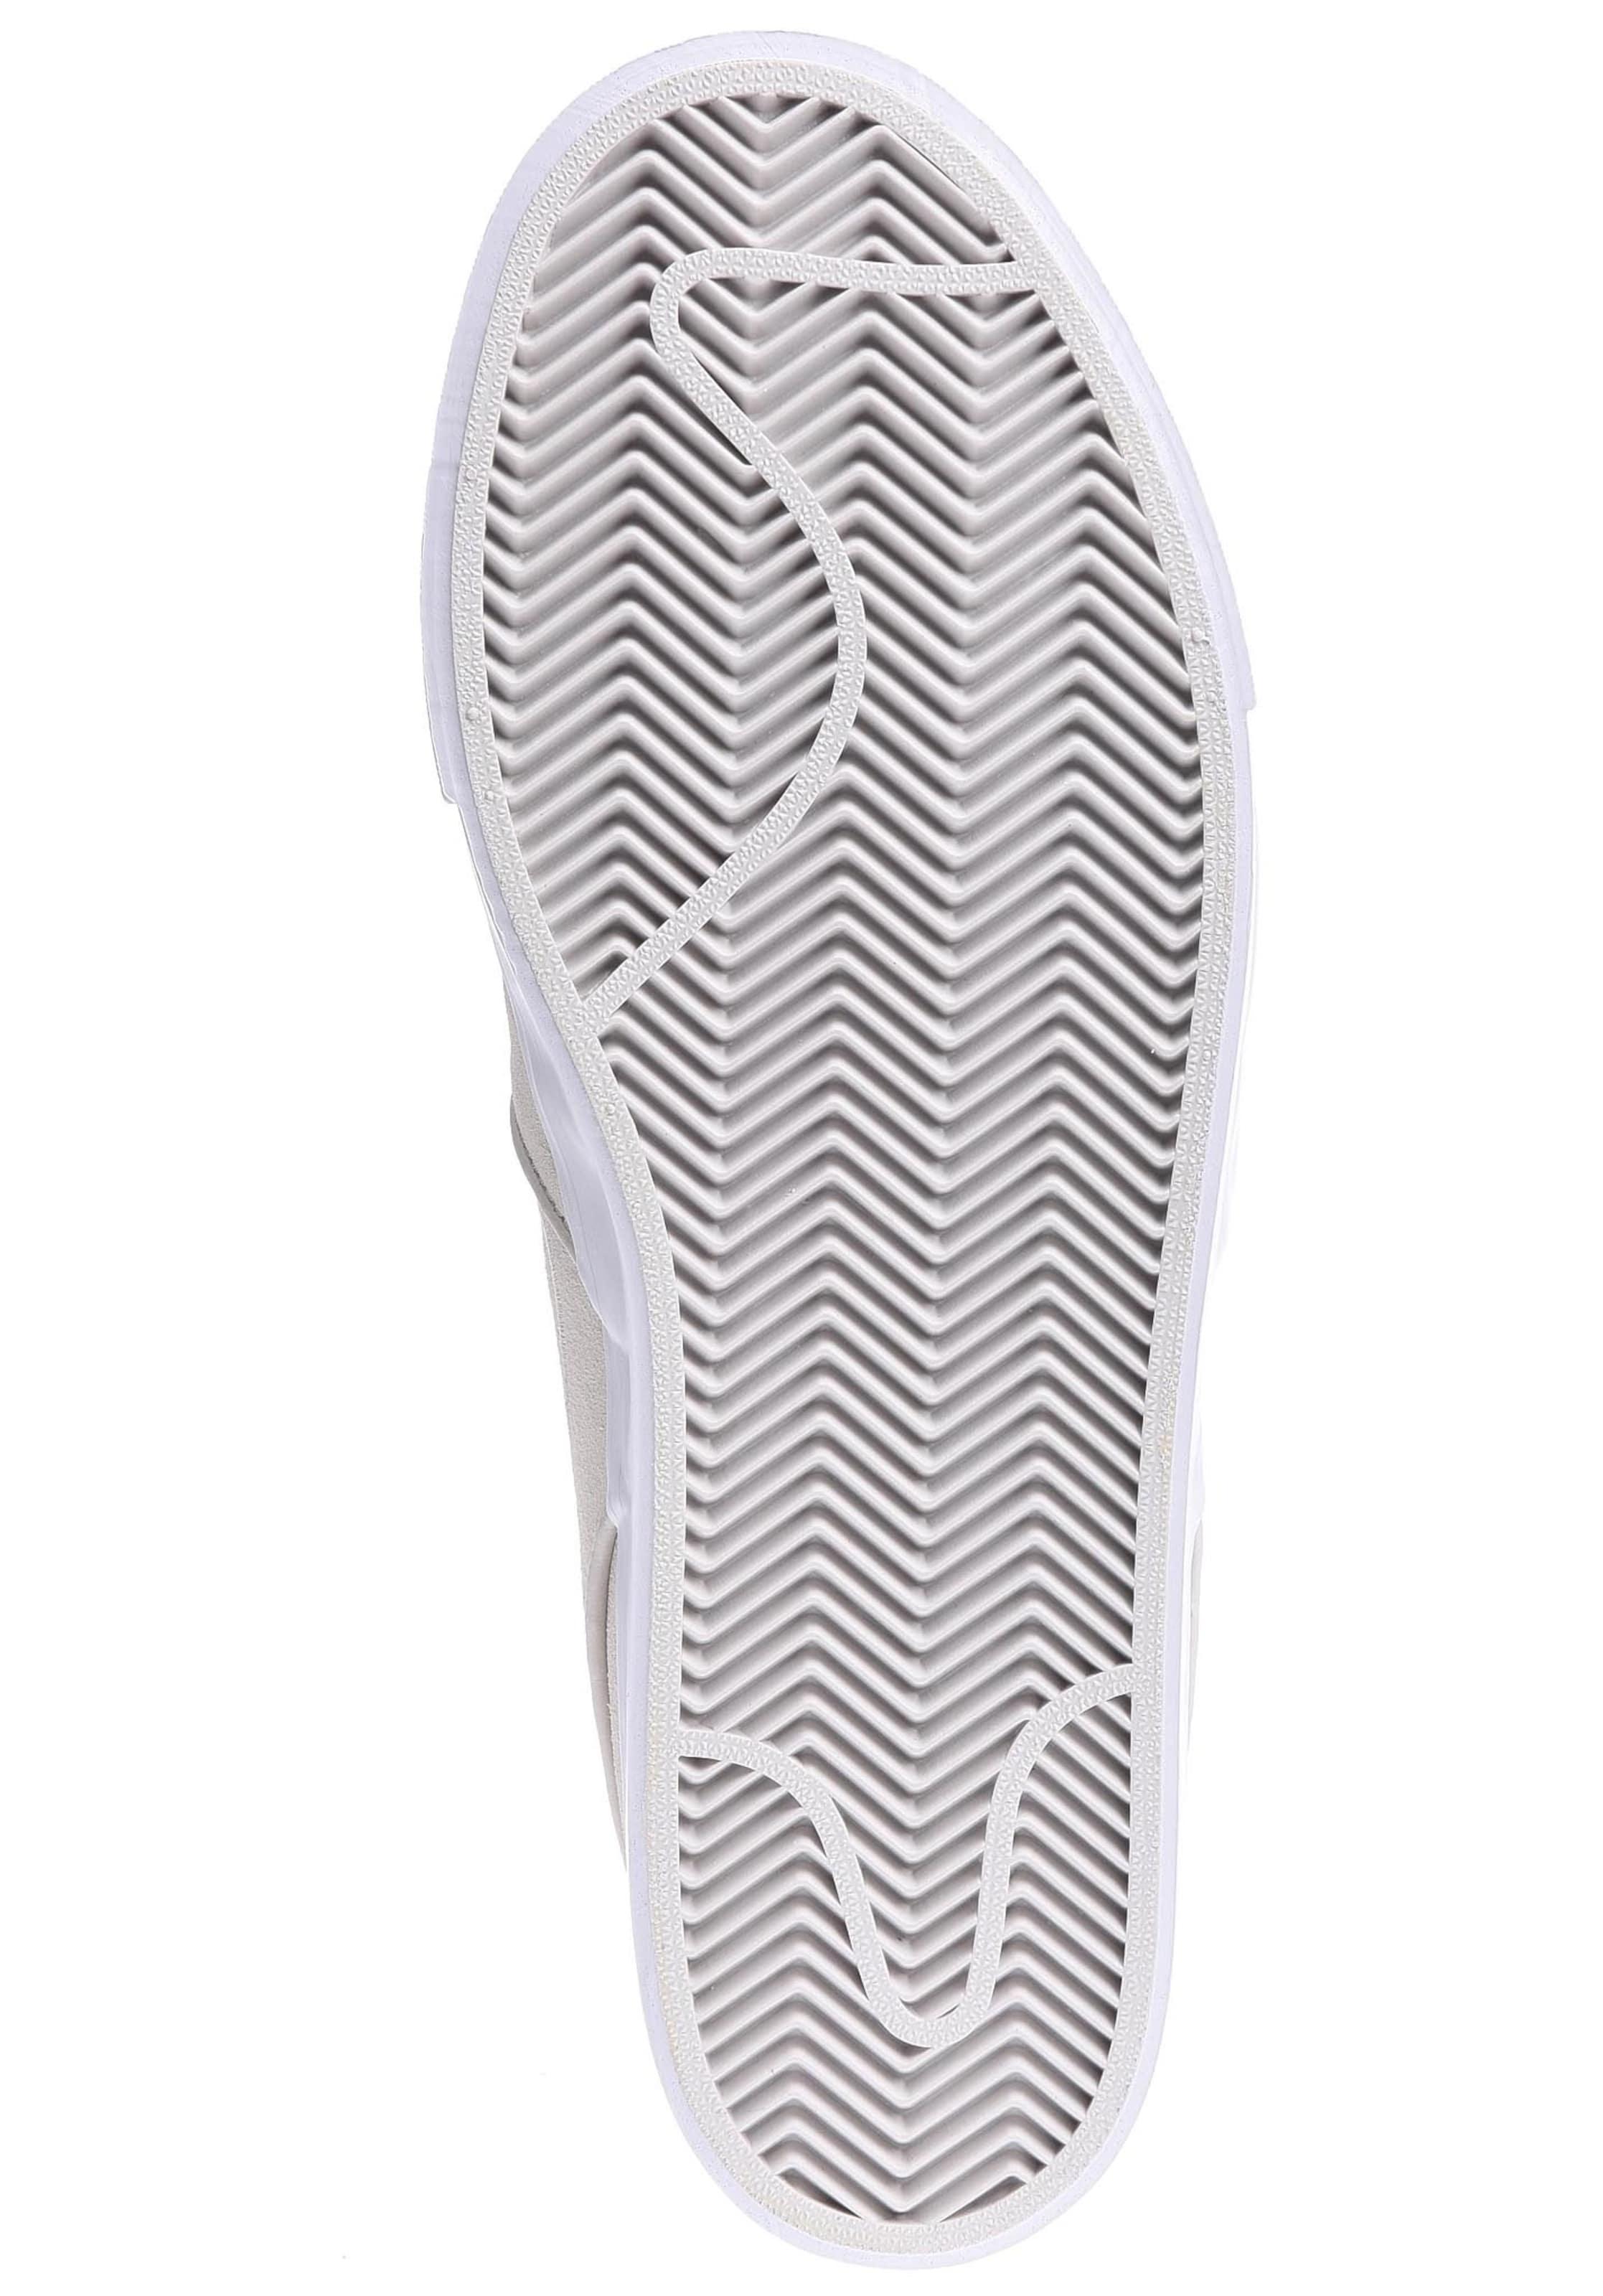 Janoski' Naturweiß Nike Sb In Slipper Stefan 'zoom bf7g6vYy